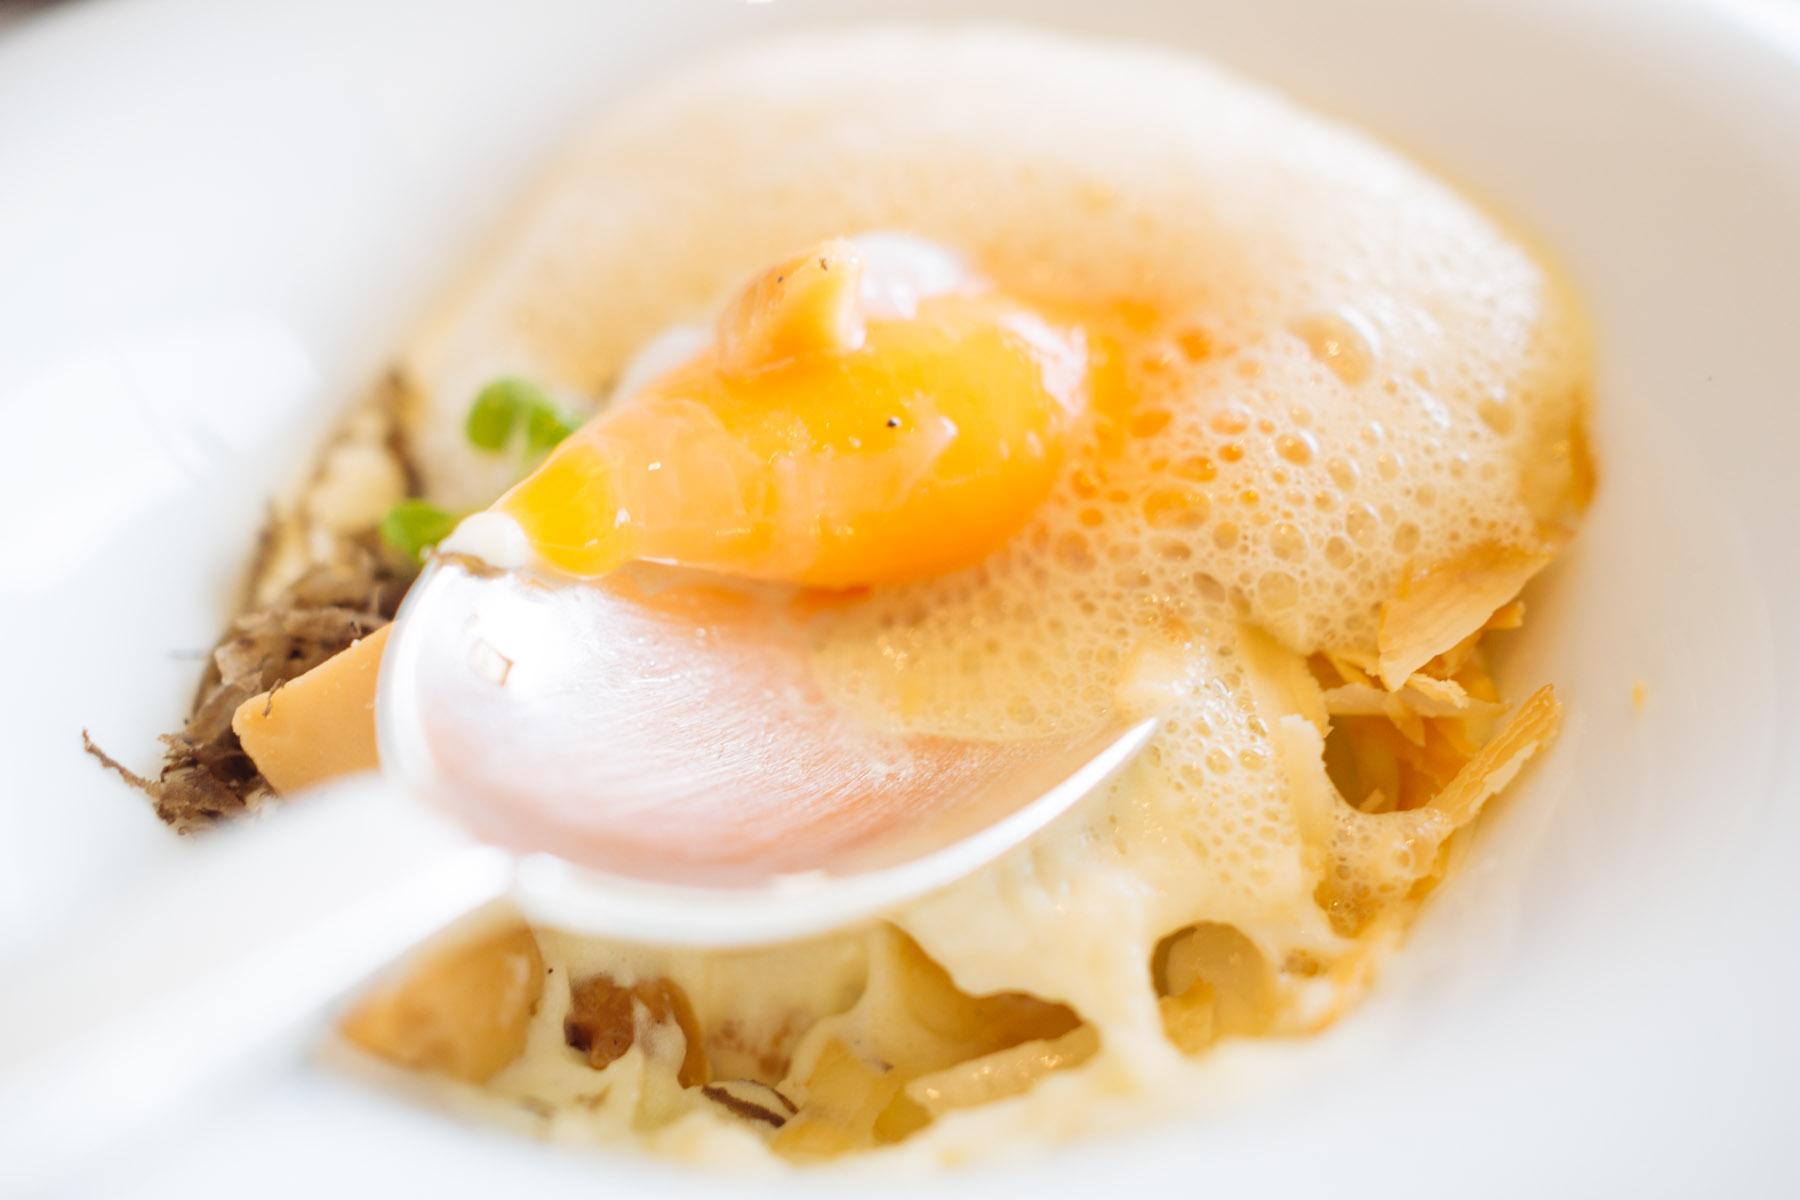 Easter-best-egg-dishes-poached-scrambled-soft-boiled-omelet-fried-deviled-yolks-4